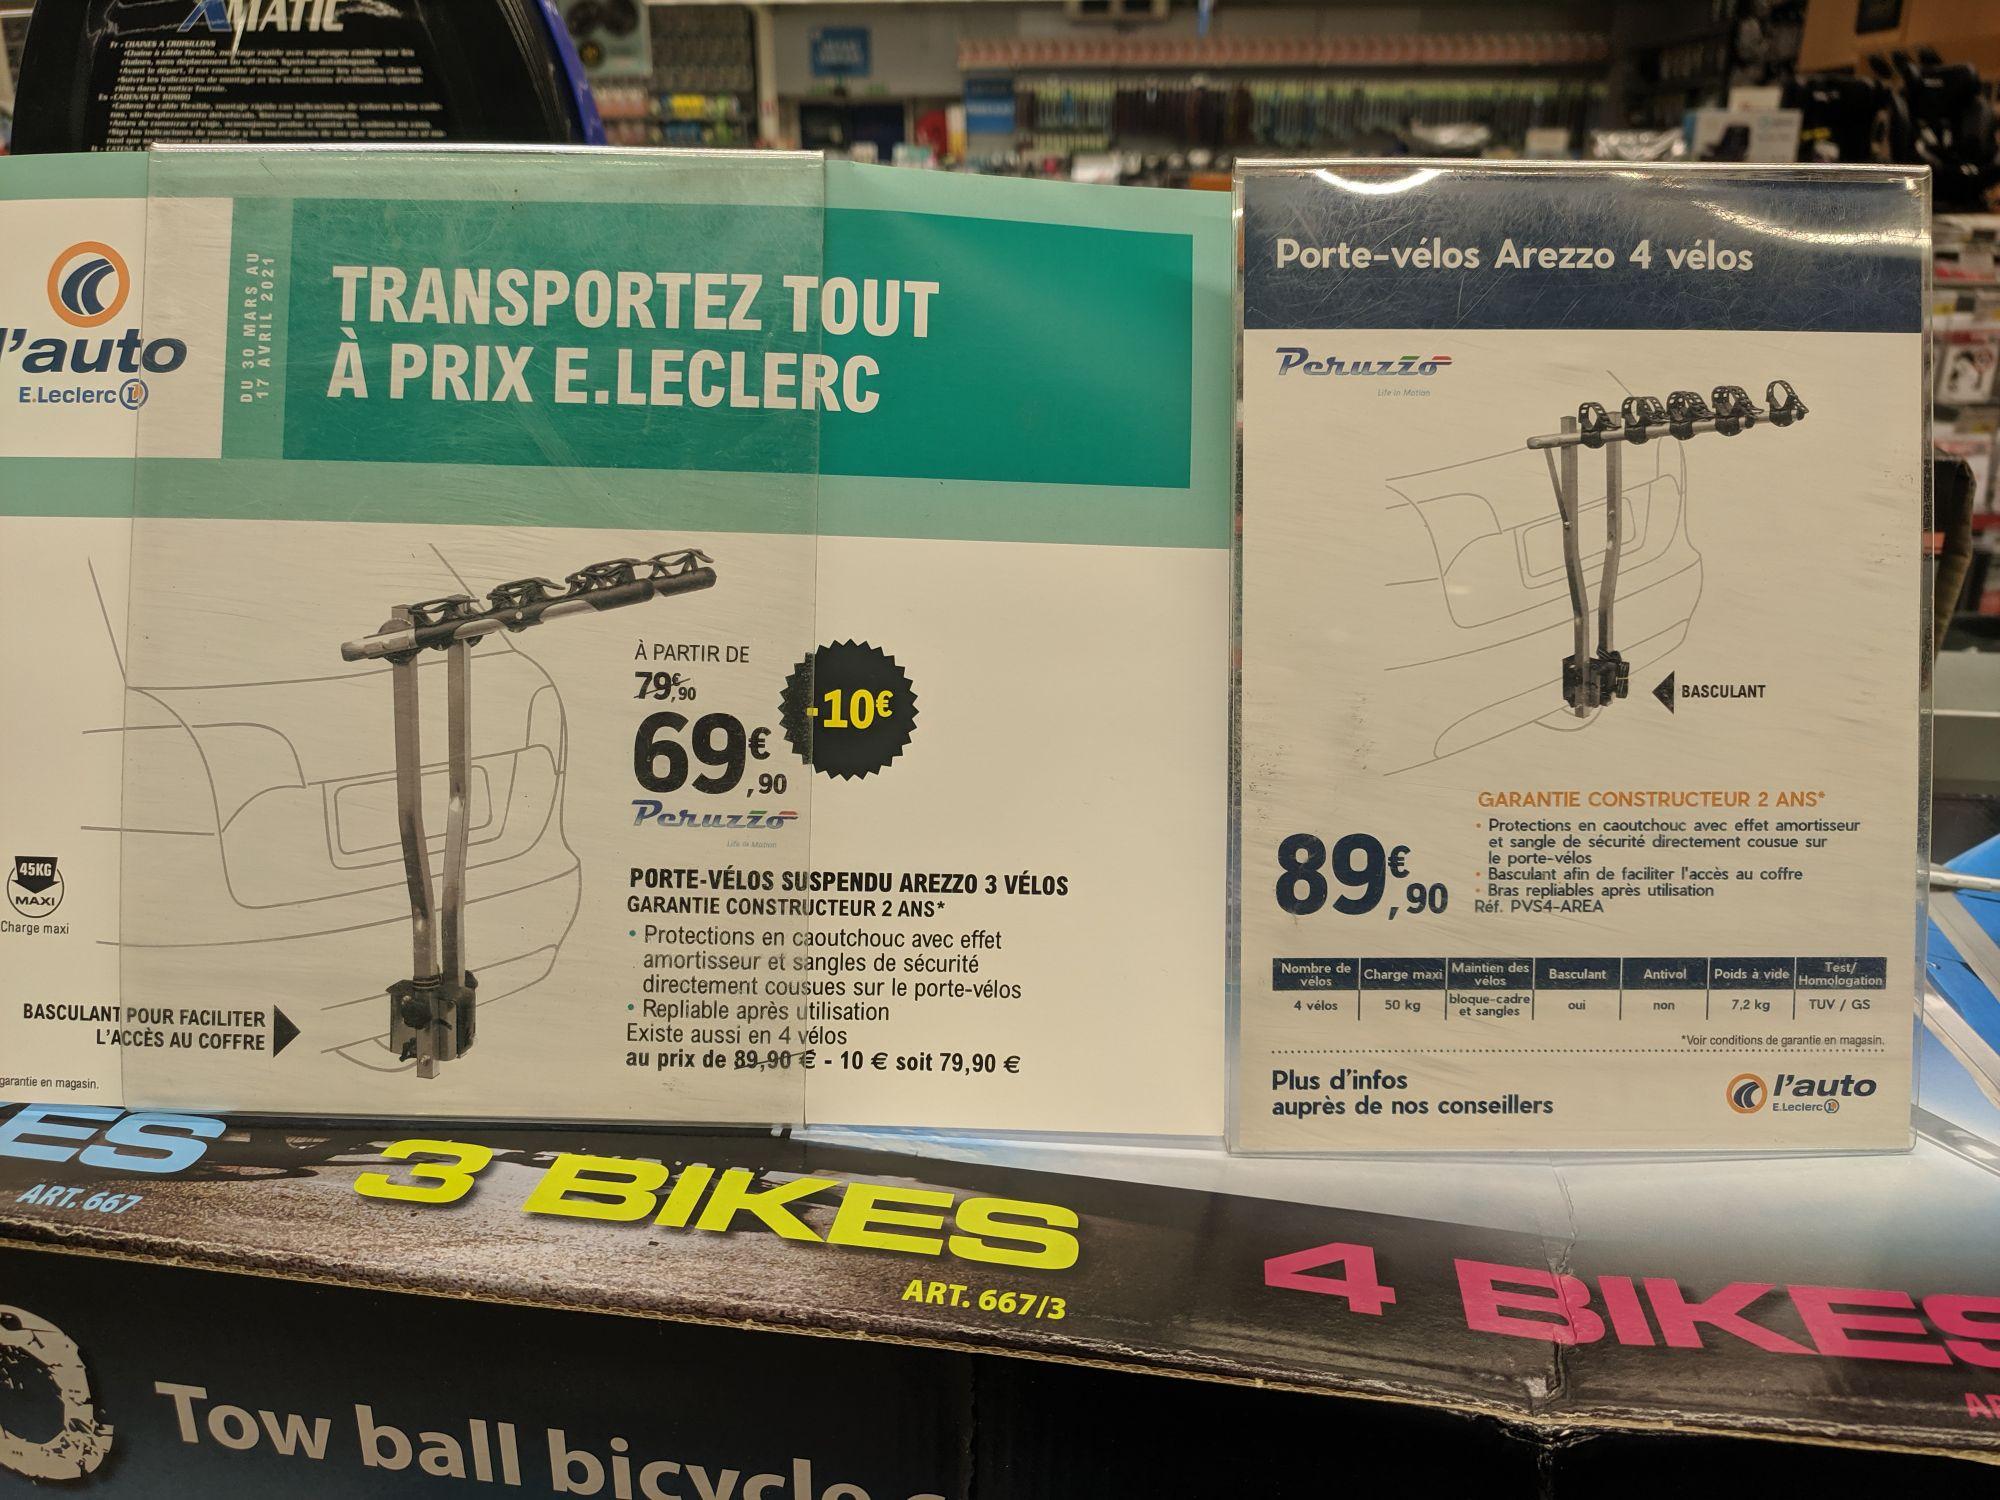 Porte vélos sur attelage Peruzzo - 3 Vélos (Saint-Médard-en-Jalles 33)